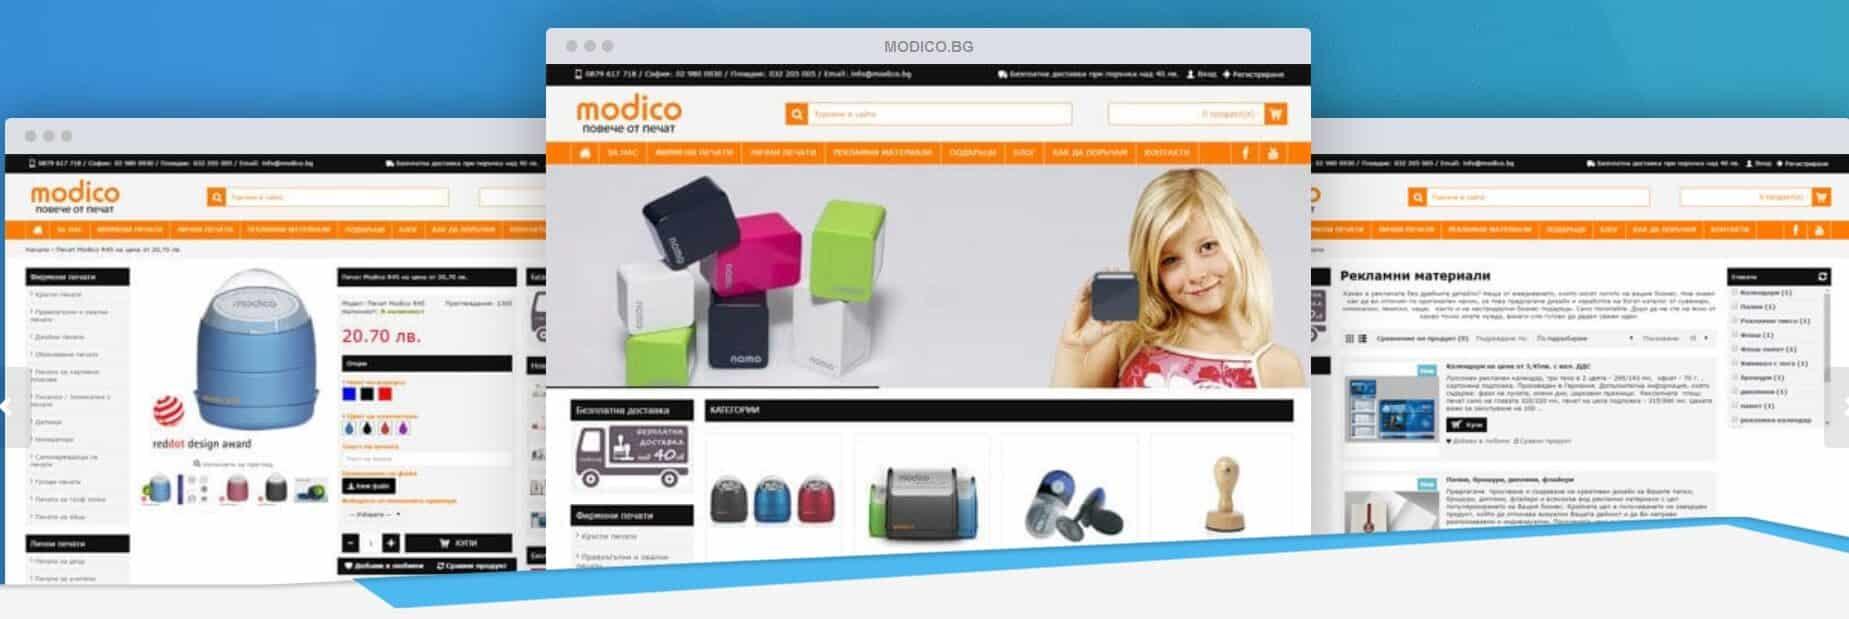 Модико онлайн магазин - SEO оптимизация на сайт